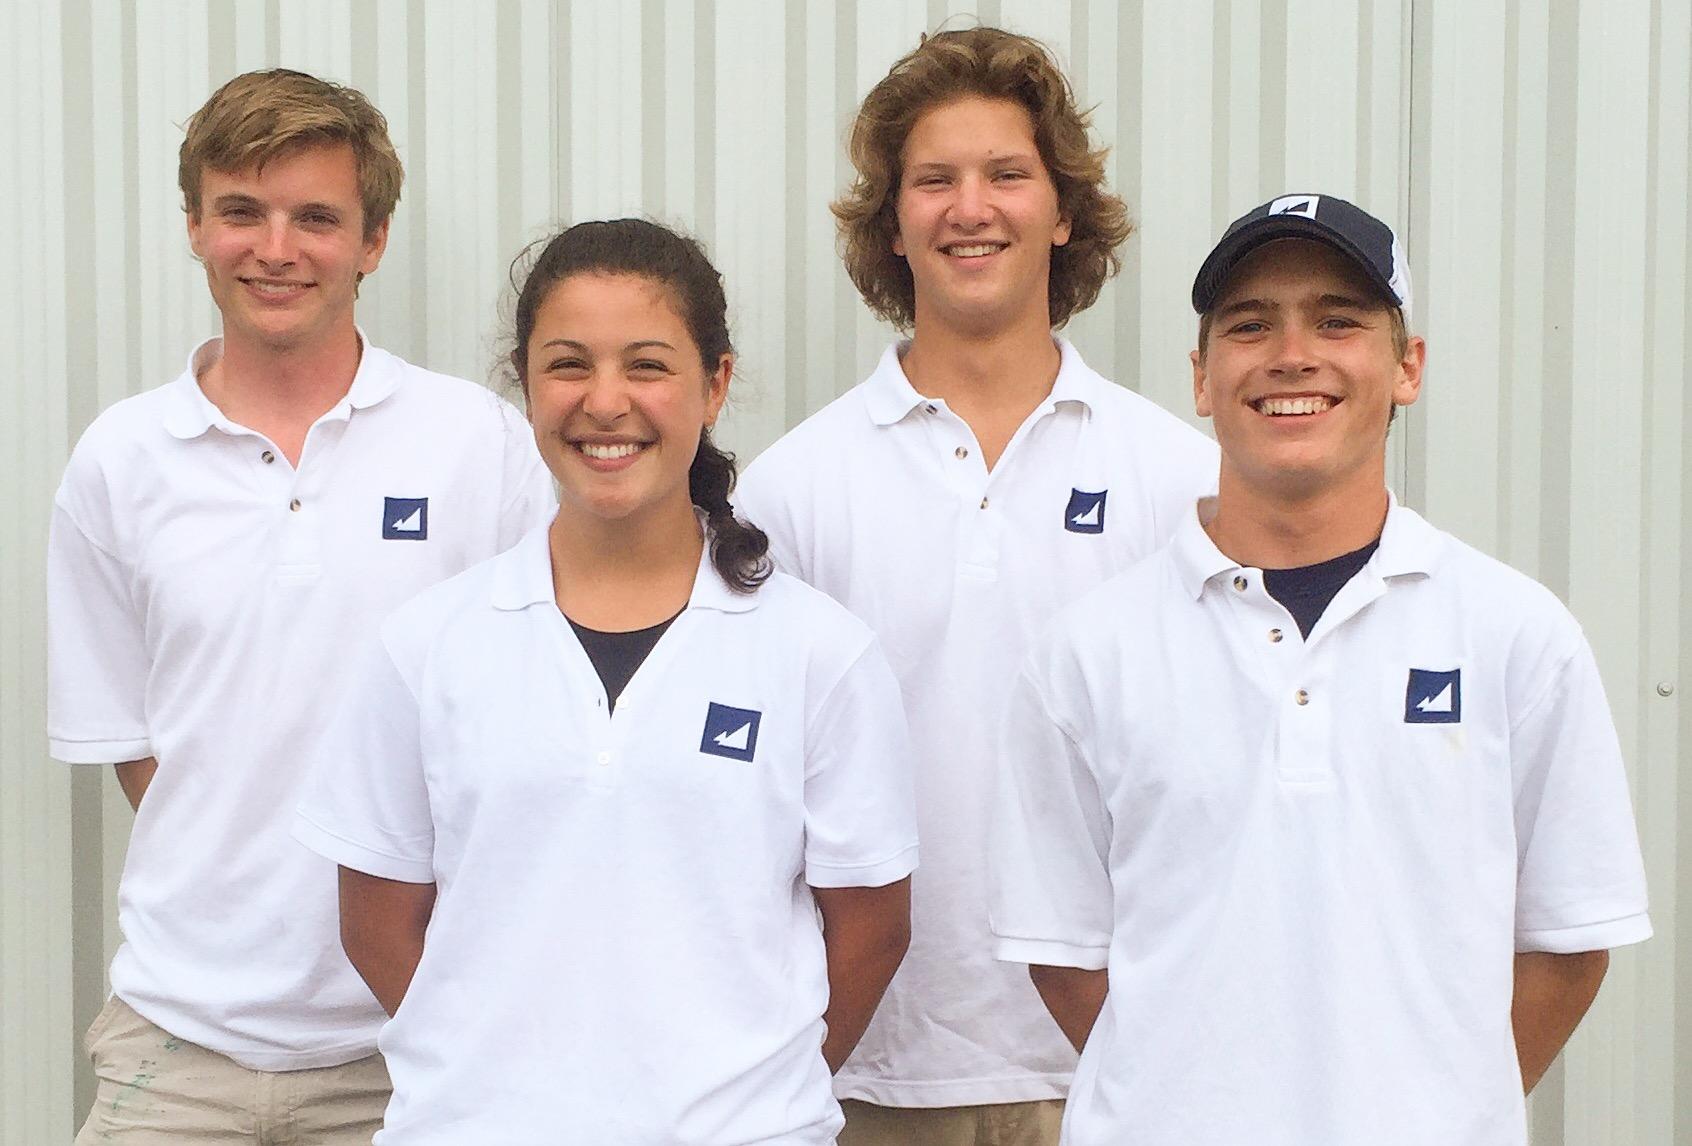 Great_Island_Boat_Yard_team.jpg